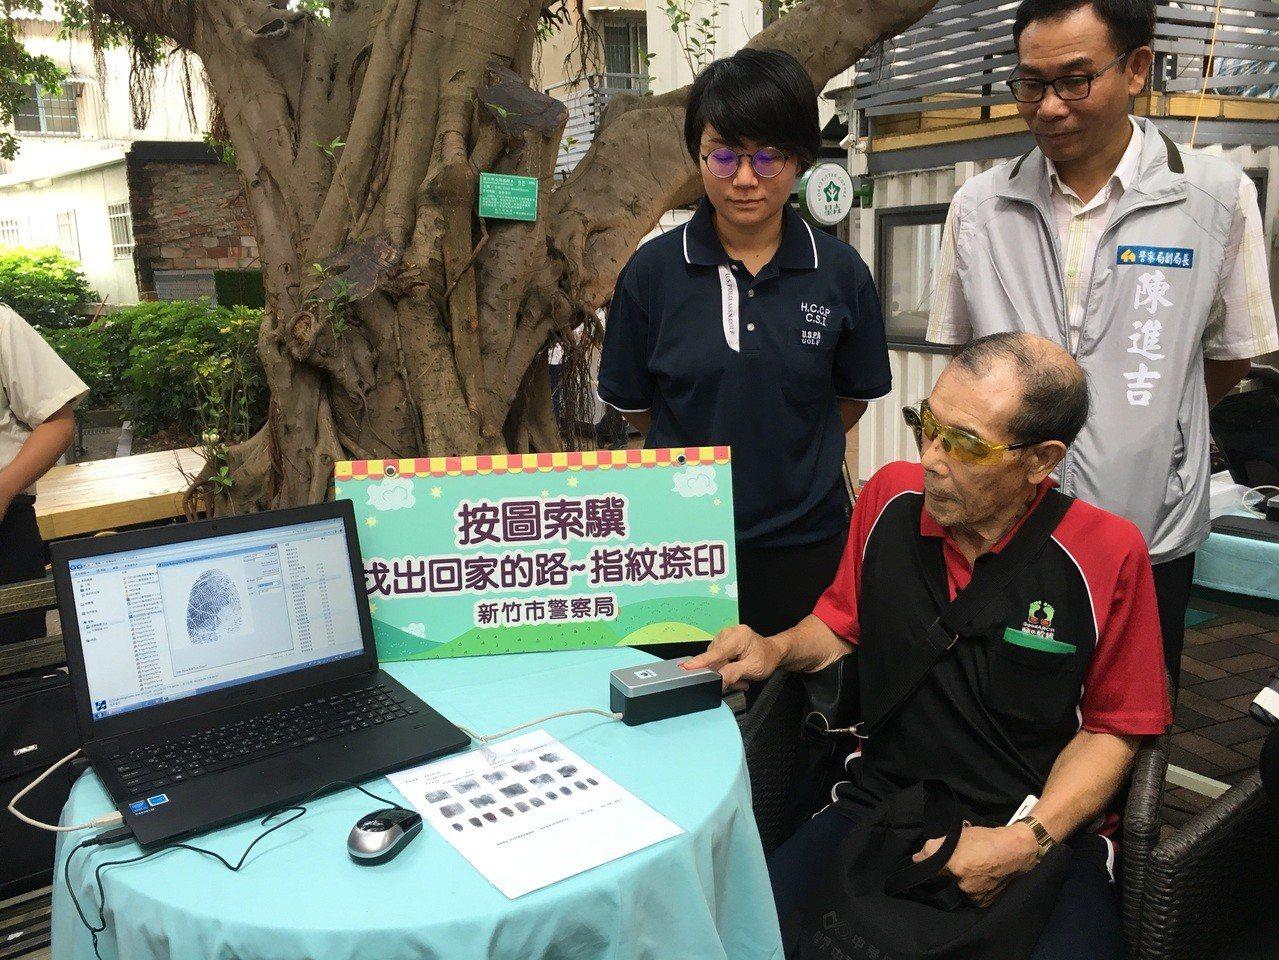 新竹國泰與新竹市警察局合作「捺印指紋服務」,針對預防失智老人走失,提供自願捺印指...